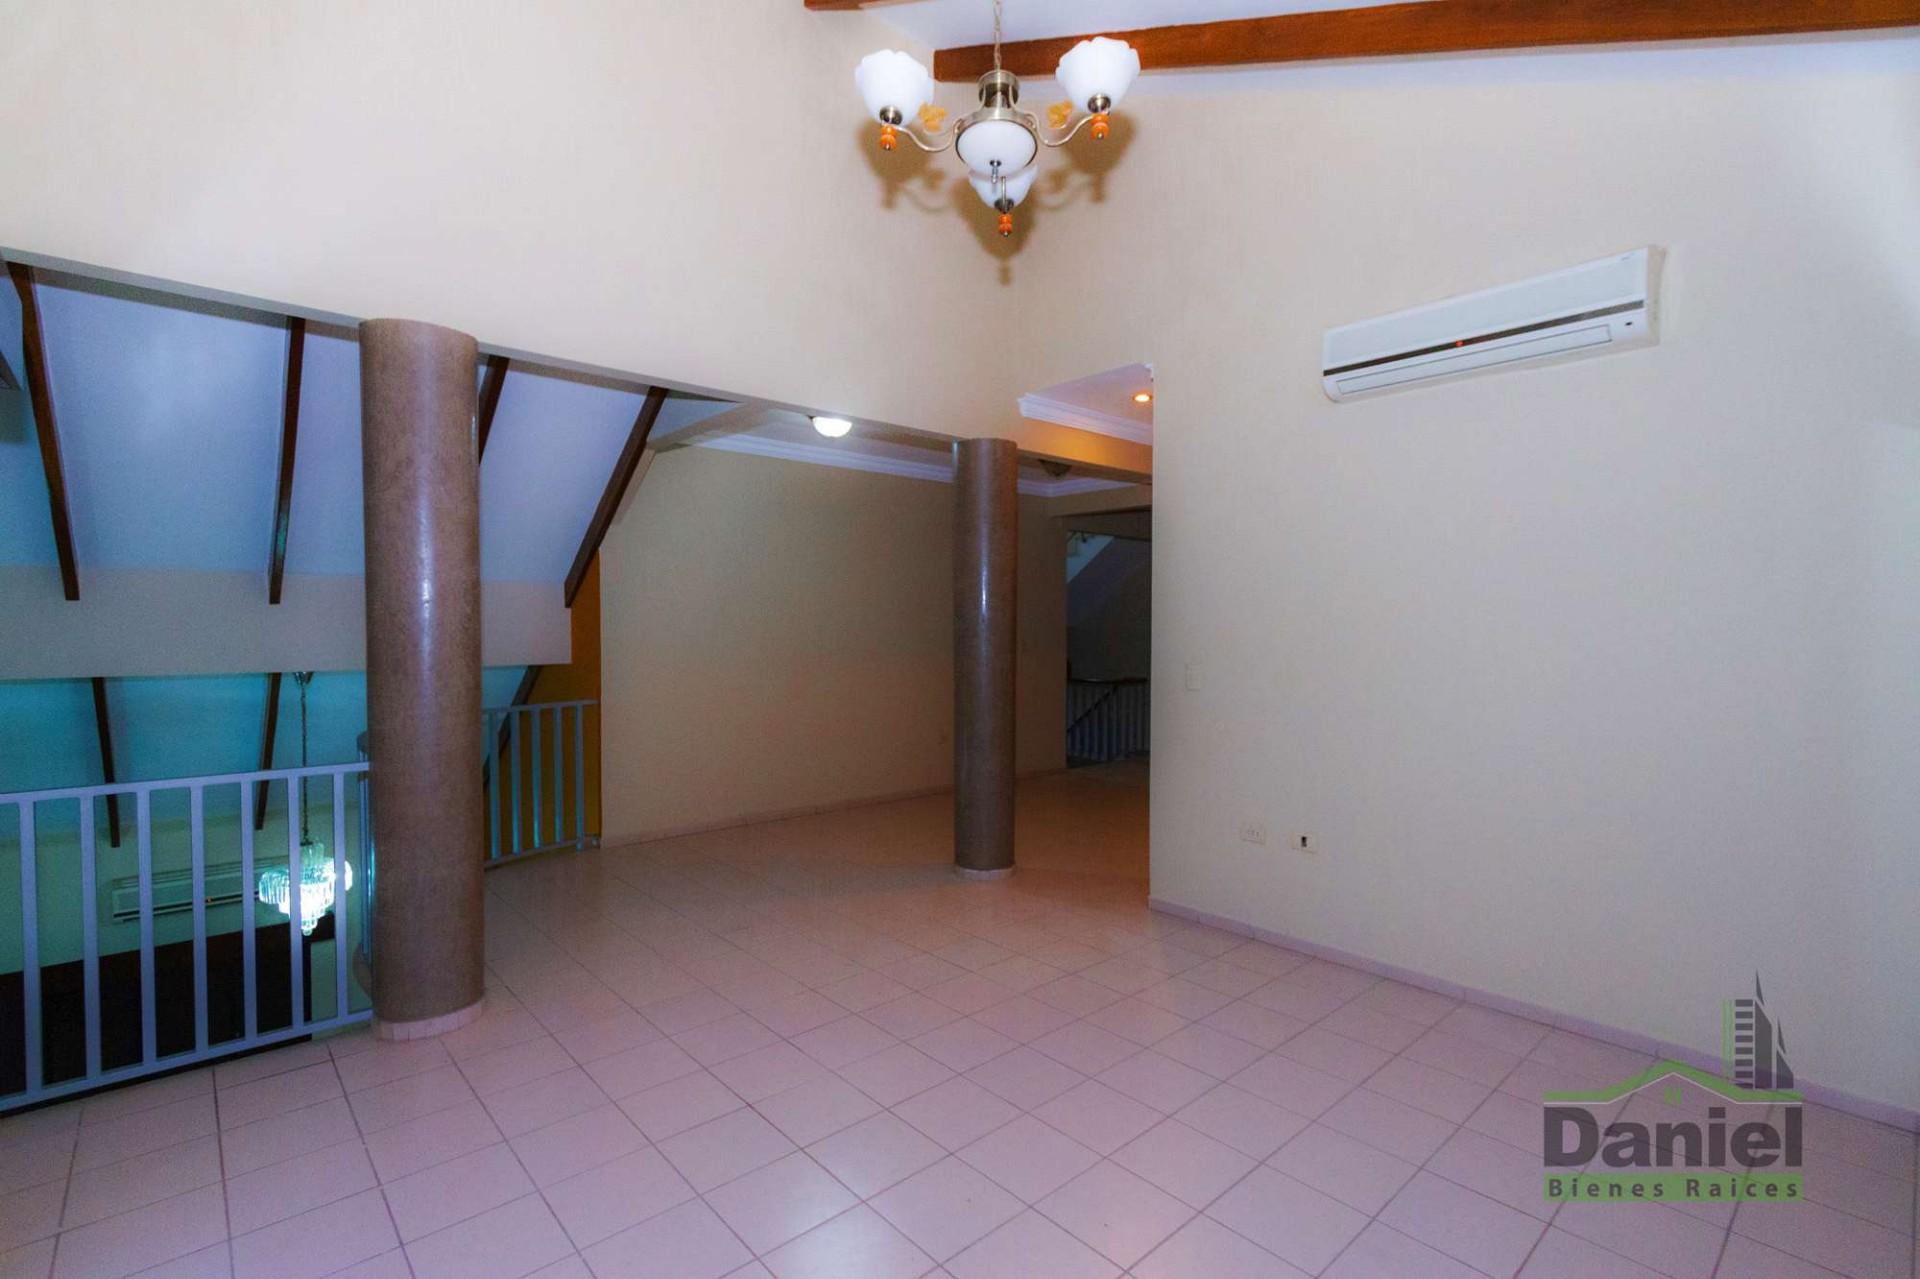 Casa en Venta CASA GRANDE ENTRE 4TO Y 5TO ANILLO RADIAL 27 Foto 15